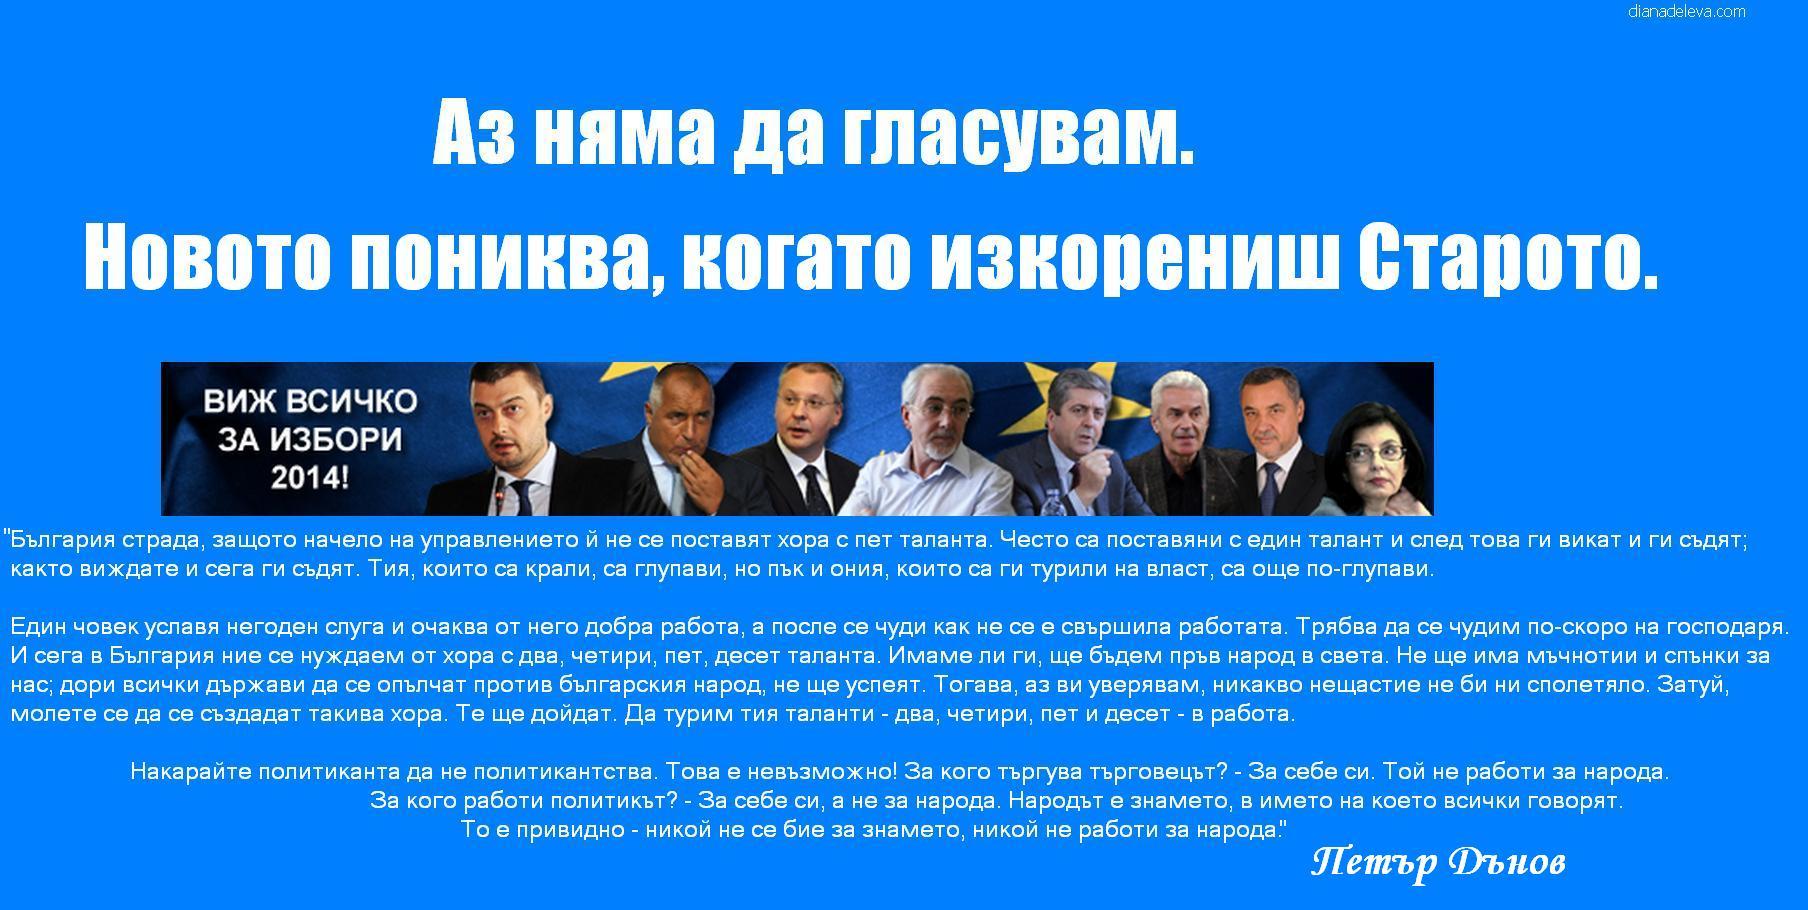 0bbd3fff21c Какво става ако не гласувам на избори Kakvo stava ako ne glasuvam na izbori